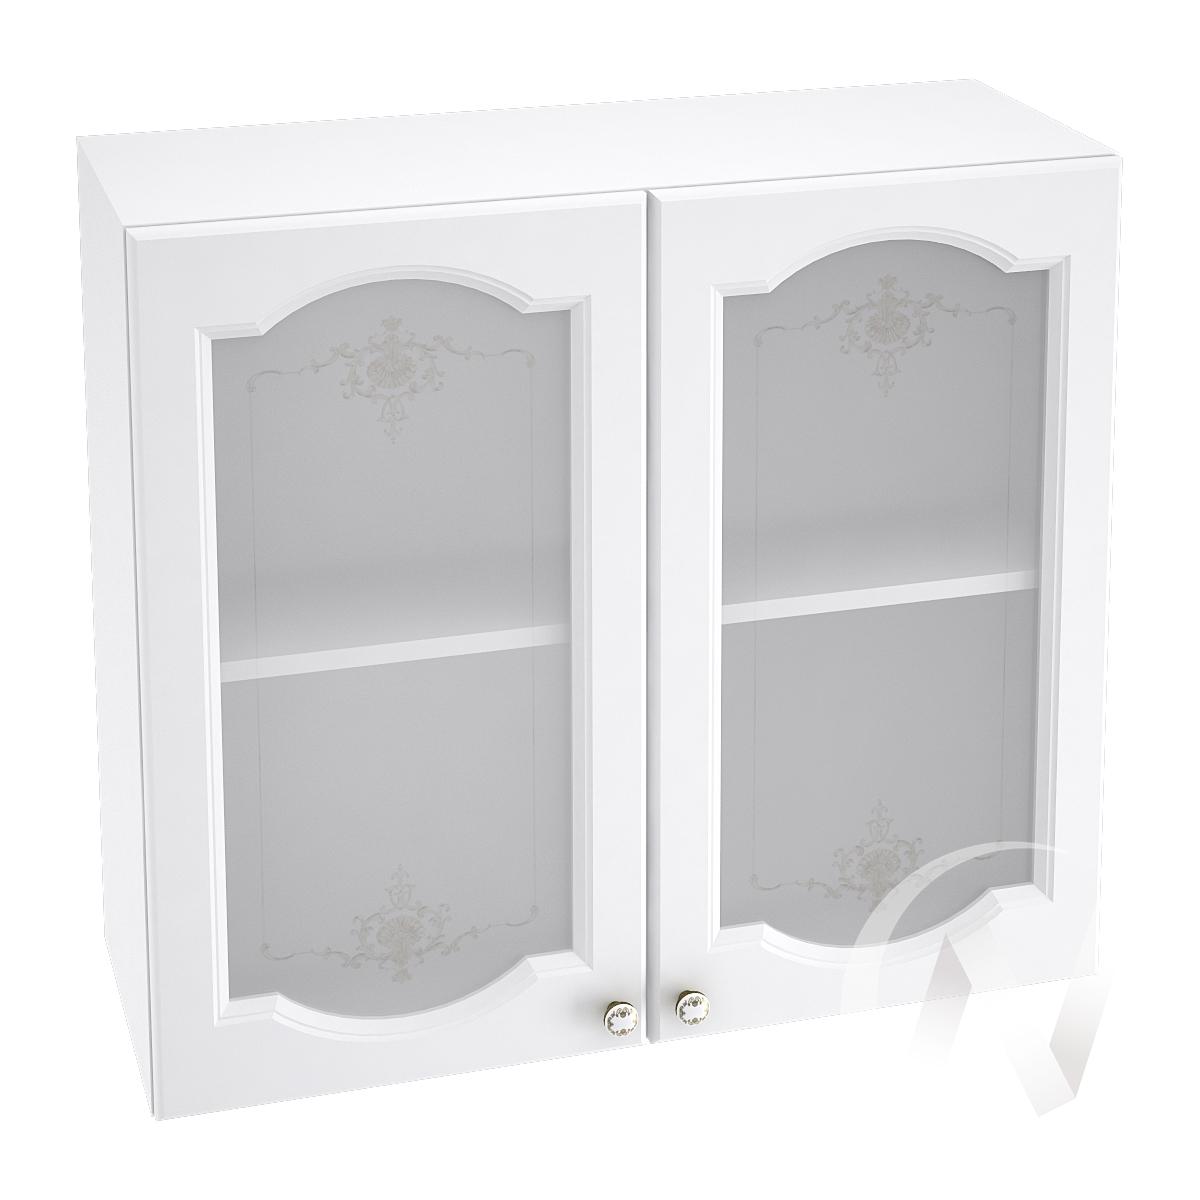 """Кухня """"Шарлиз"""": Шкаф верхний со стеклом 800, ШВС 800 (корпус белый) в Новосибирске в интернет-магазине мебели kuhnya54.ru"""